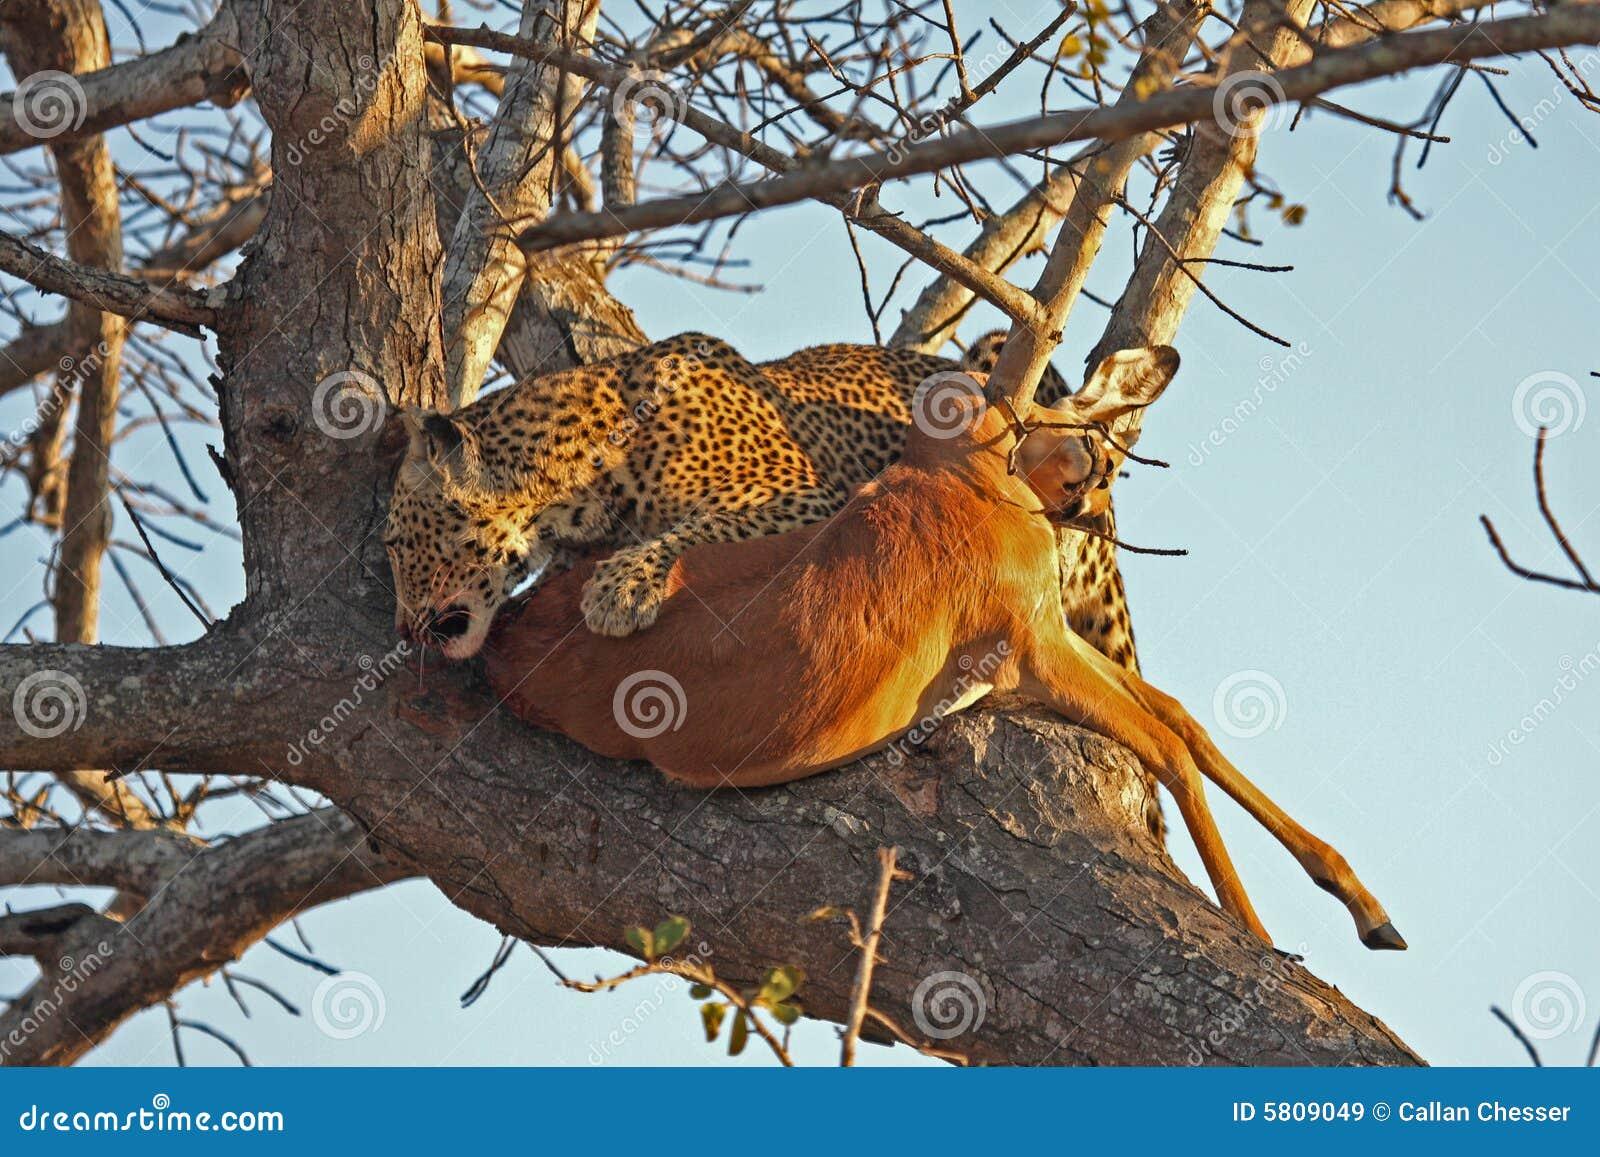 jaguar afrika with Royalty Vrije Stock Afbeeldingen Luipaard Een Boom Met Doden Image5809049 on Leoparden Alles Ueber Die Stolzen Raeuber together with Fennek as well Animal Of Week Amur Leopard in addition 574 Kamel Dromedar Unterschied as well King Cheetah 357525586.